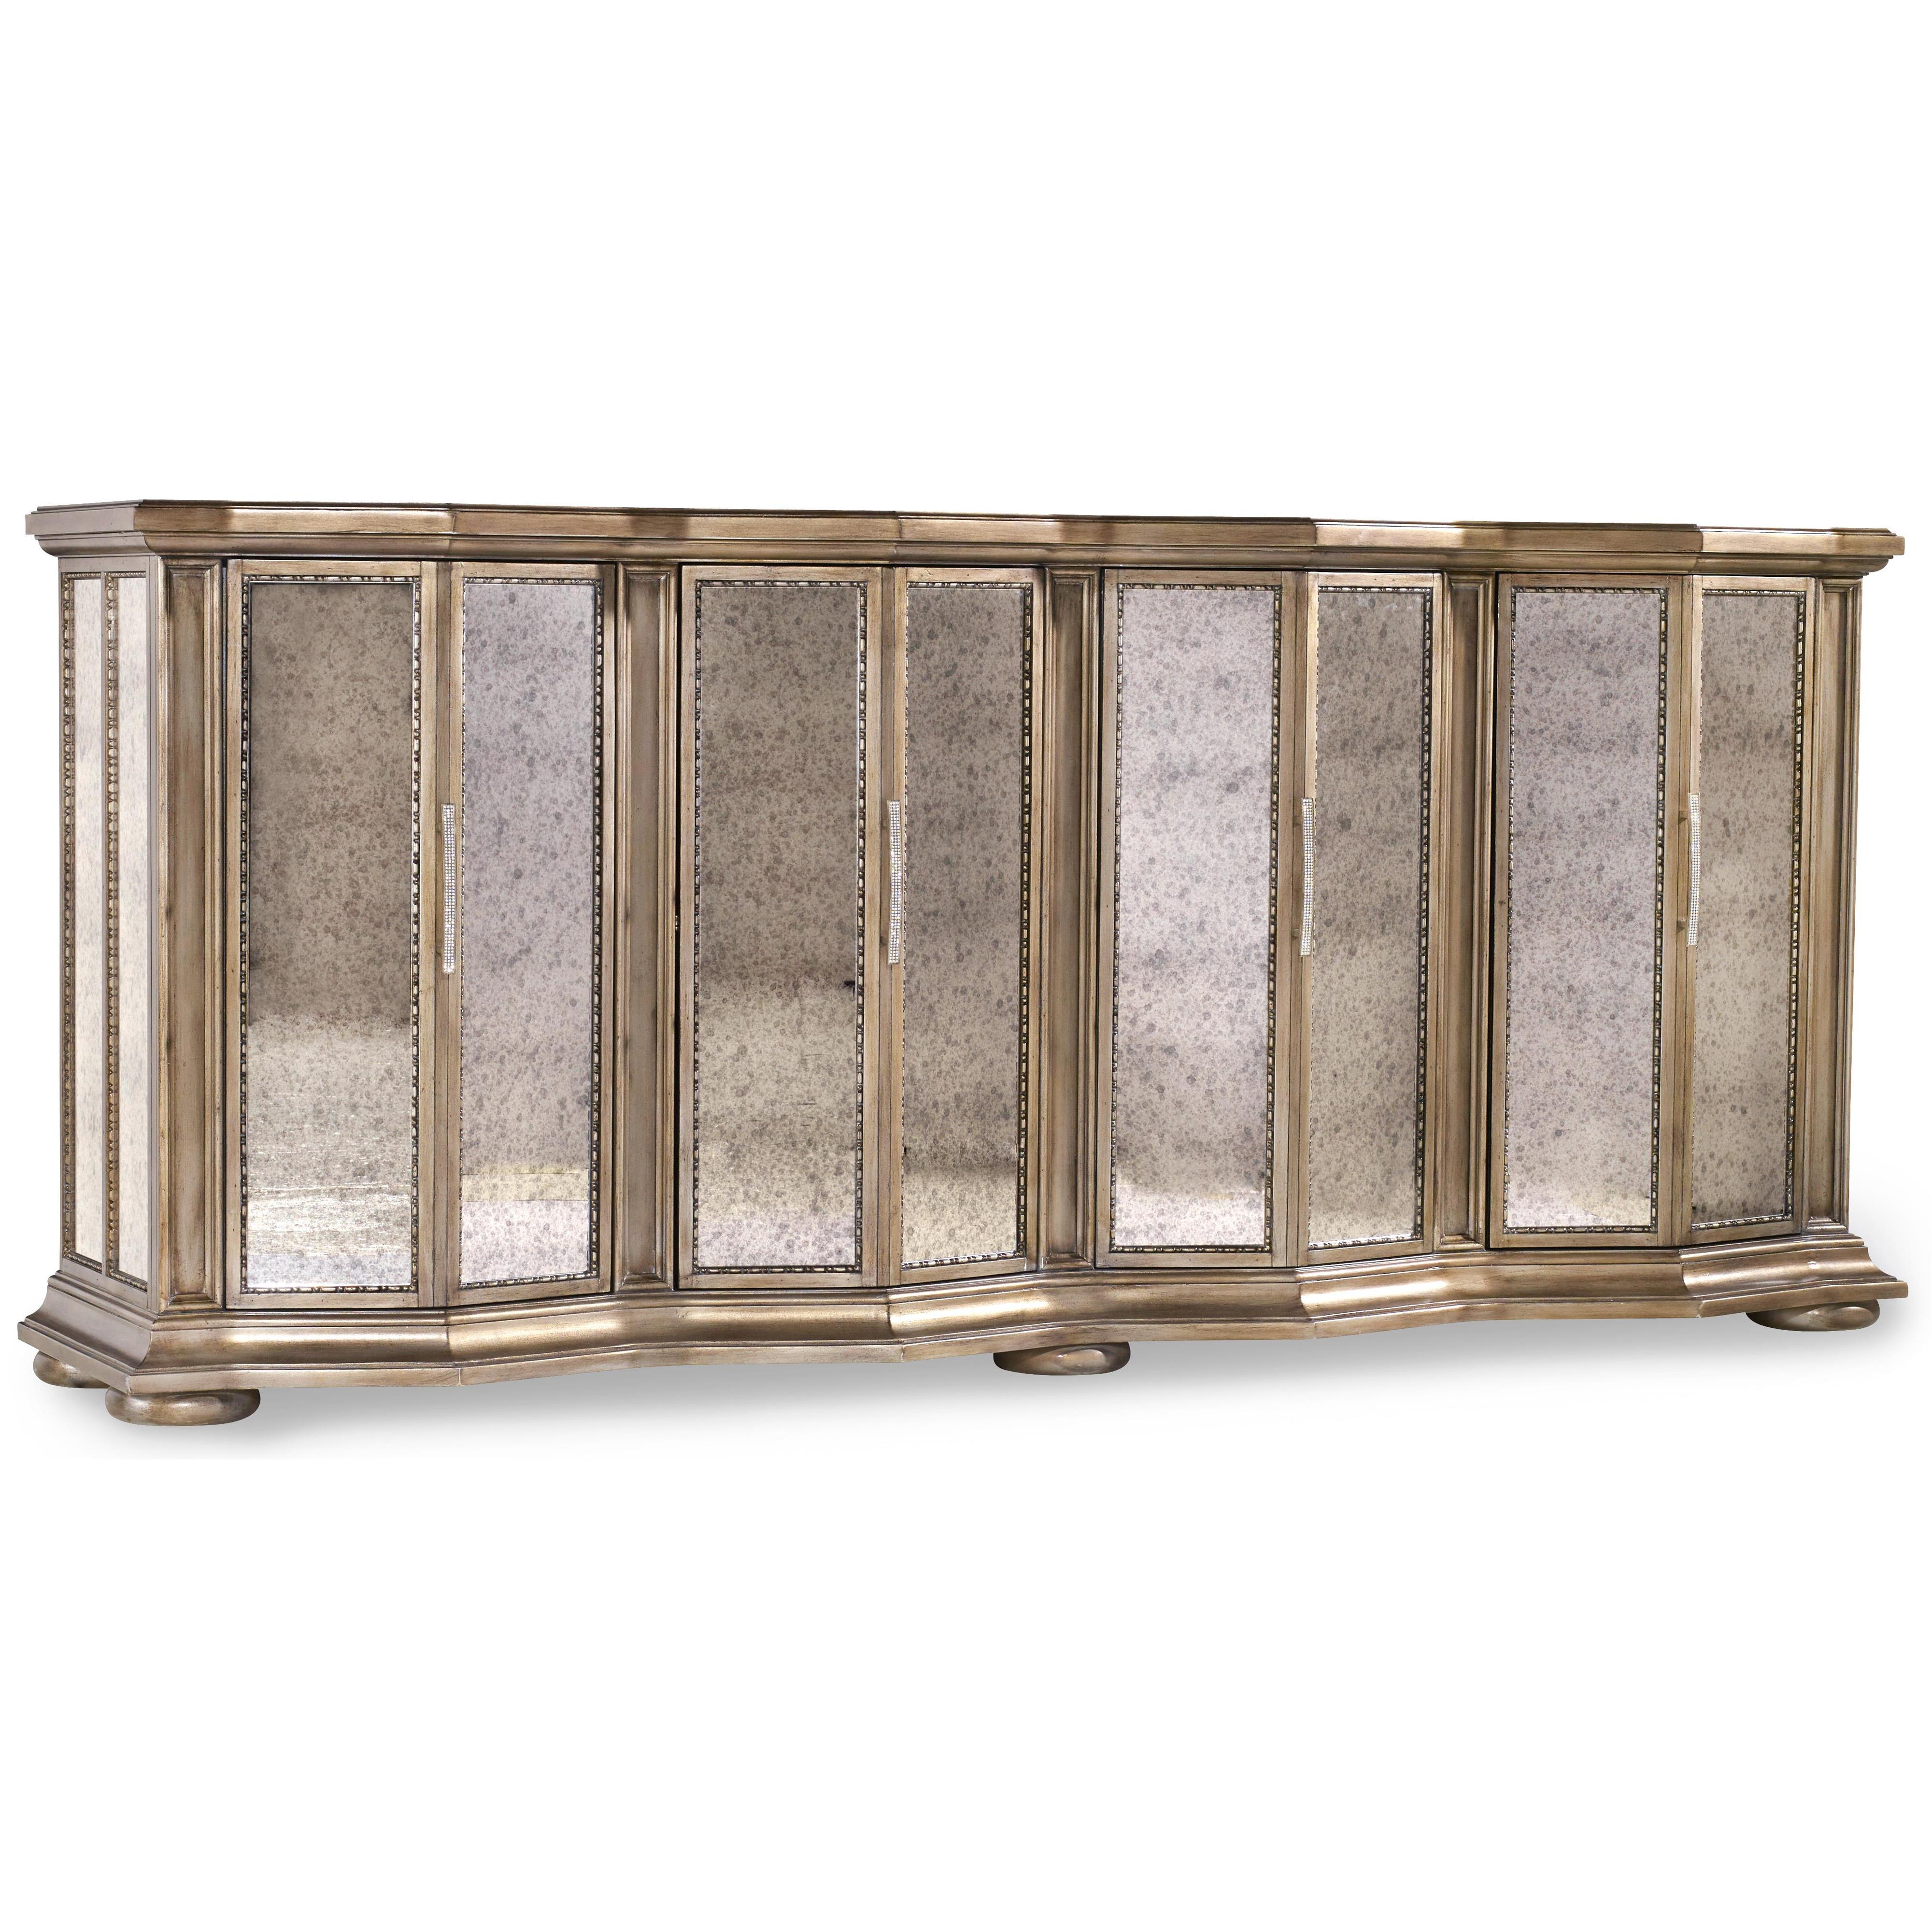 Hooker Furniture Mélange Majesty Credenza - Item Number: 638-85196